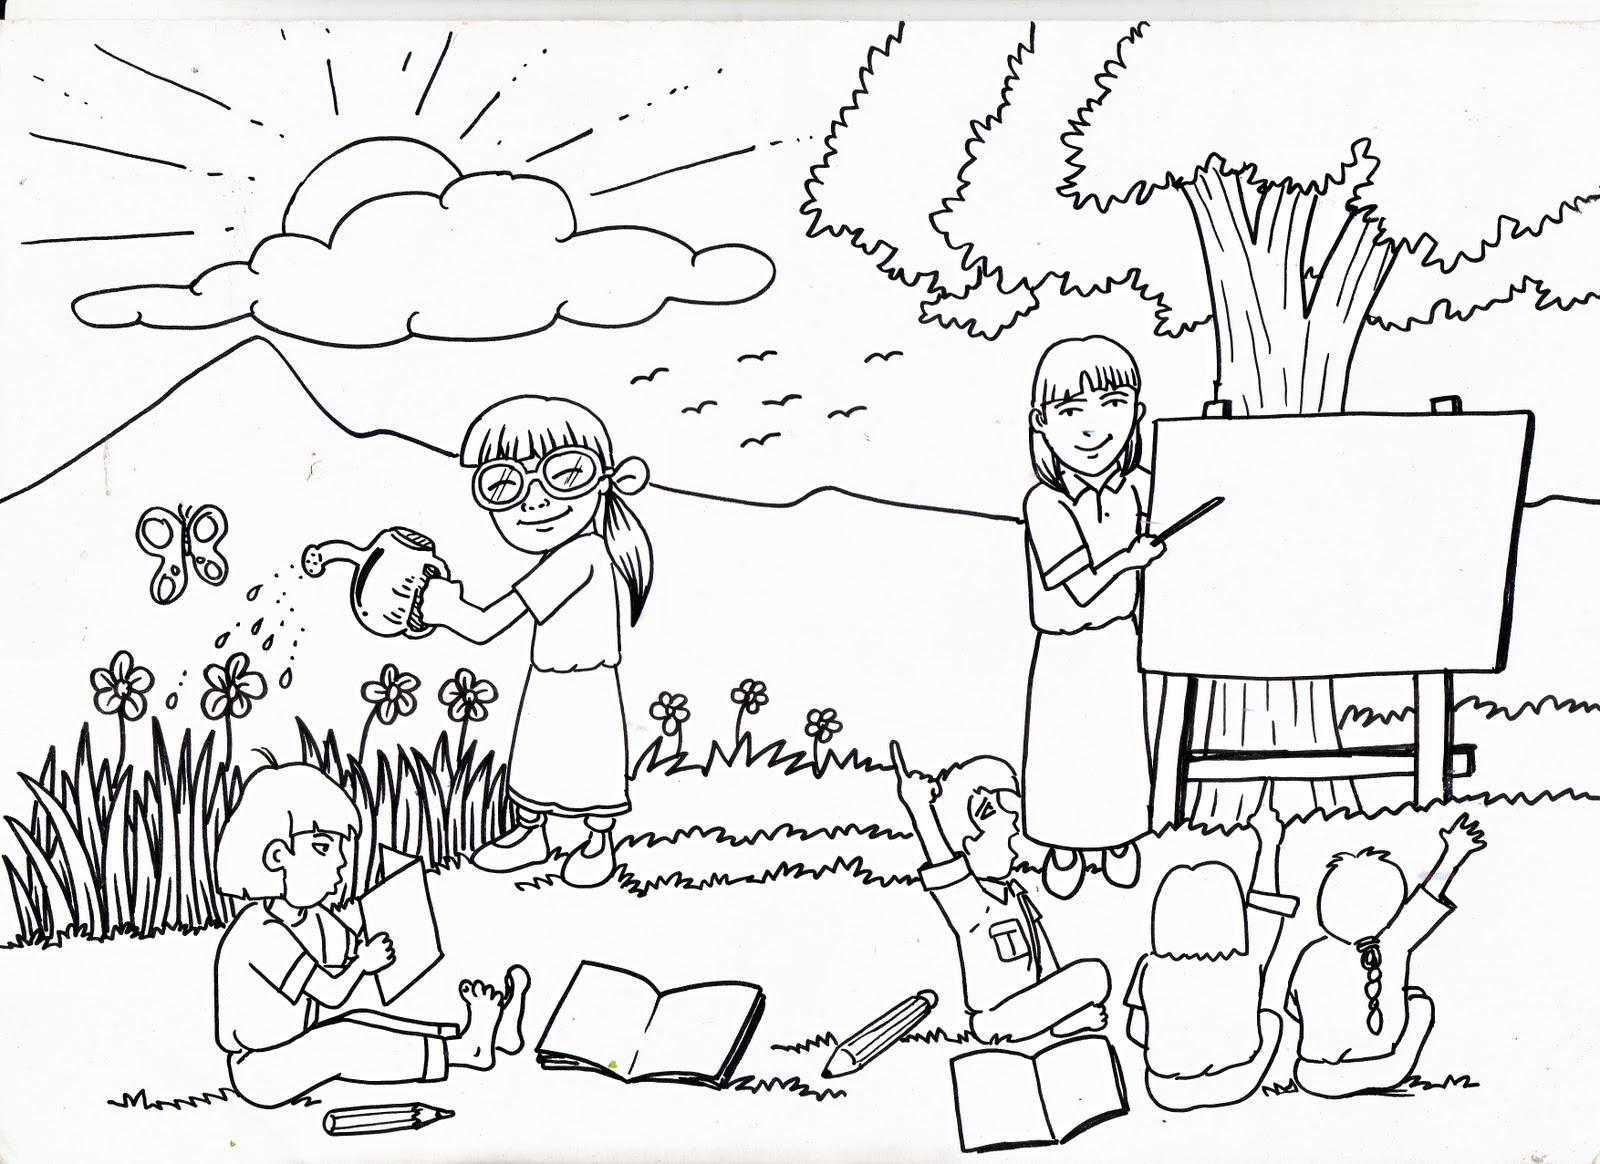 Mewarnai Gambar Hidup Rukun Di Sekolah Mewarnai Gambar